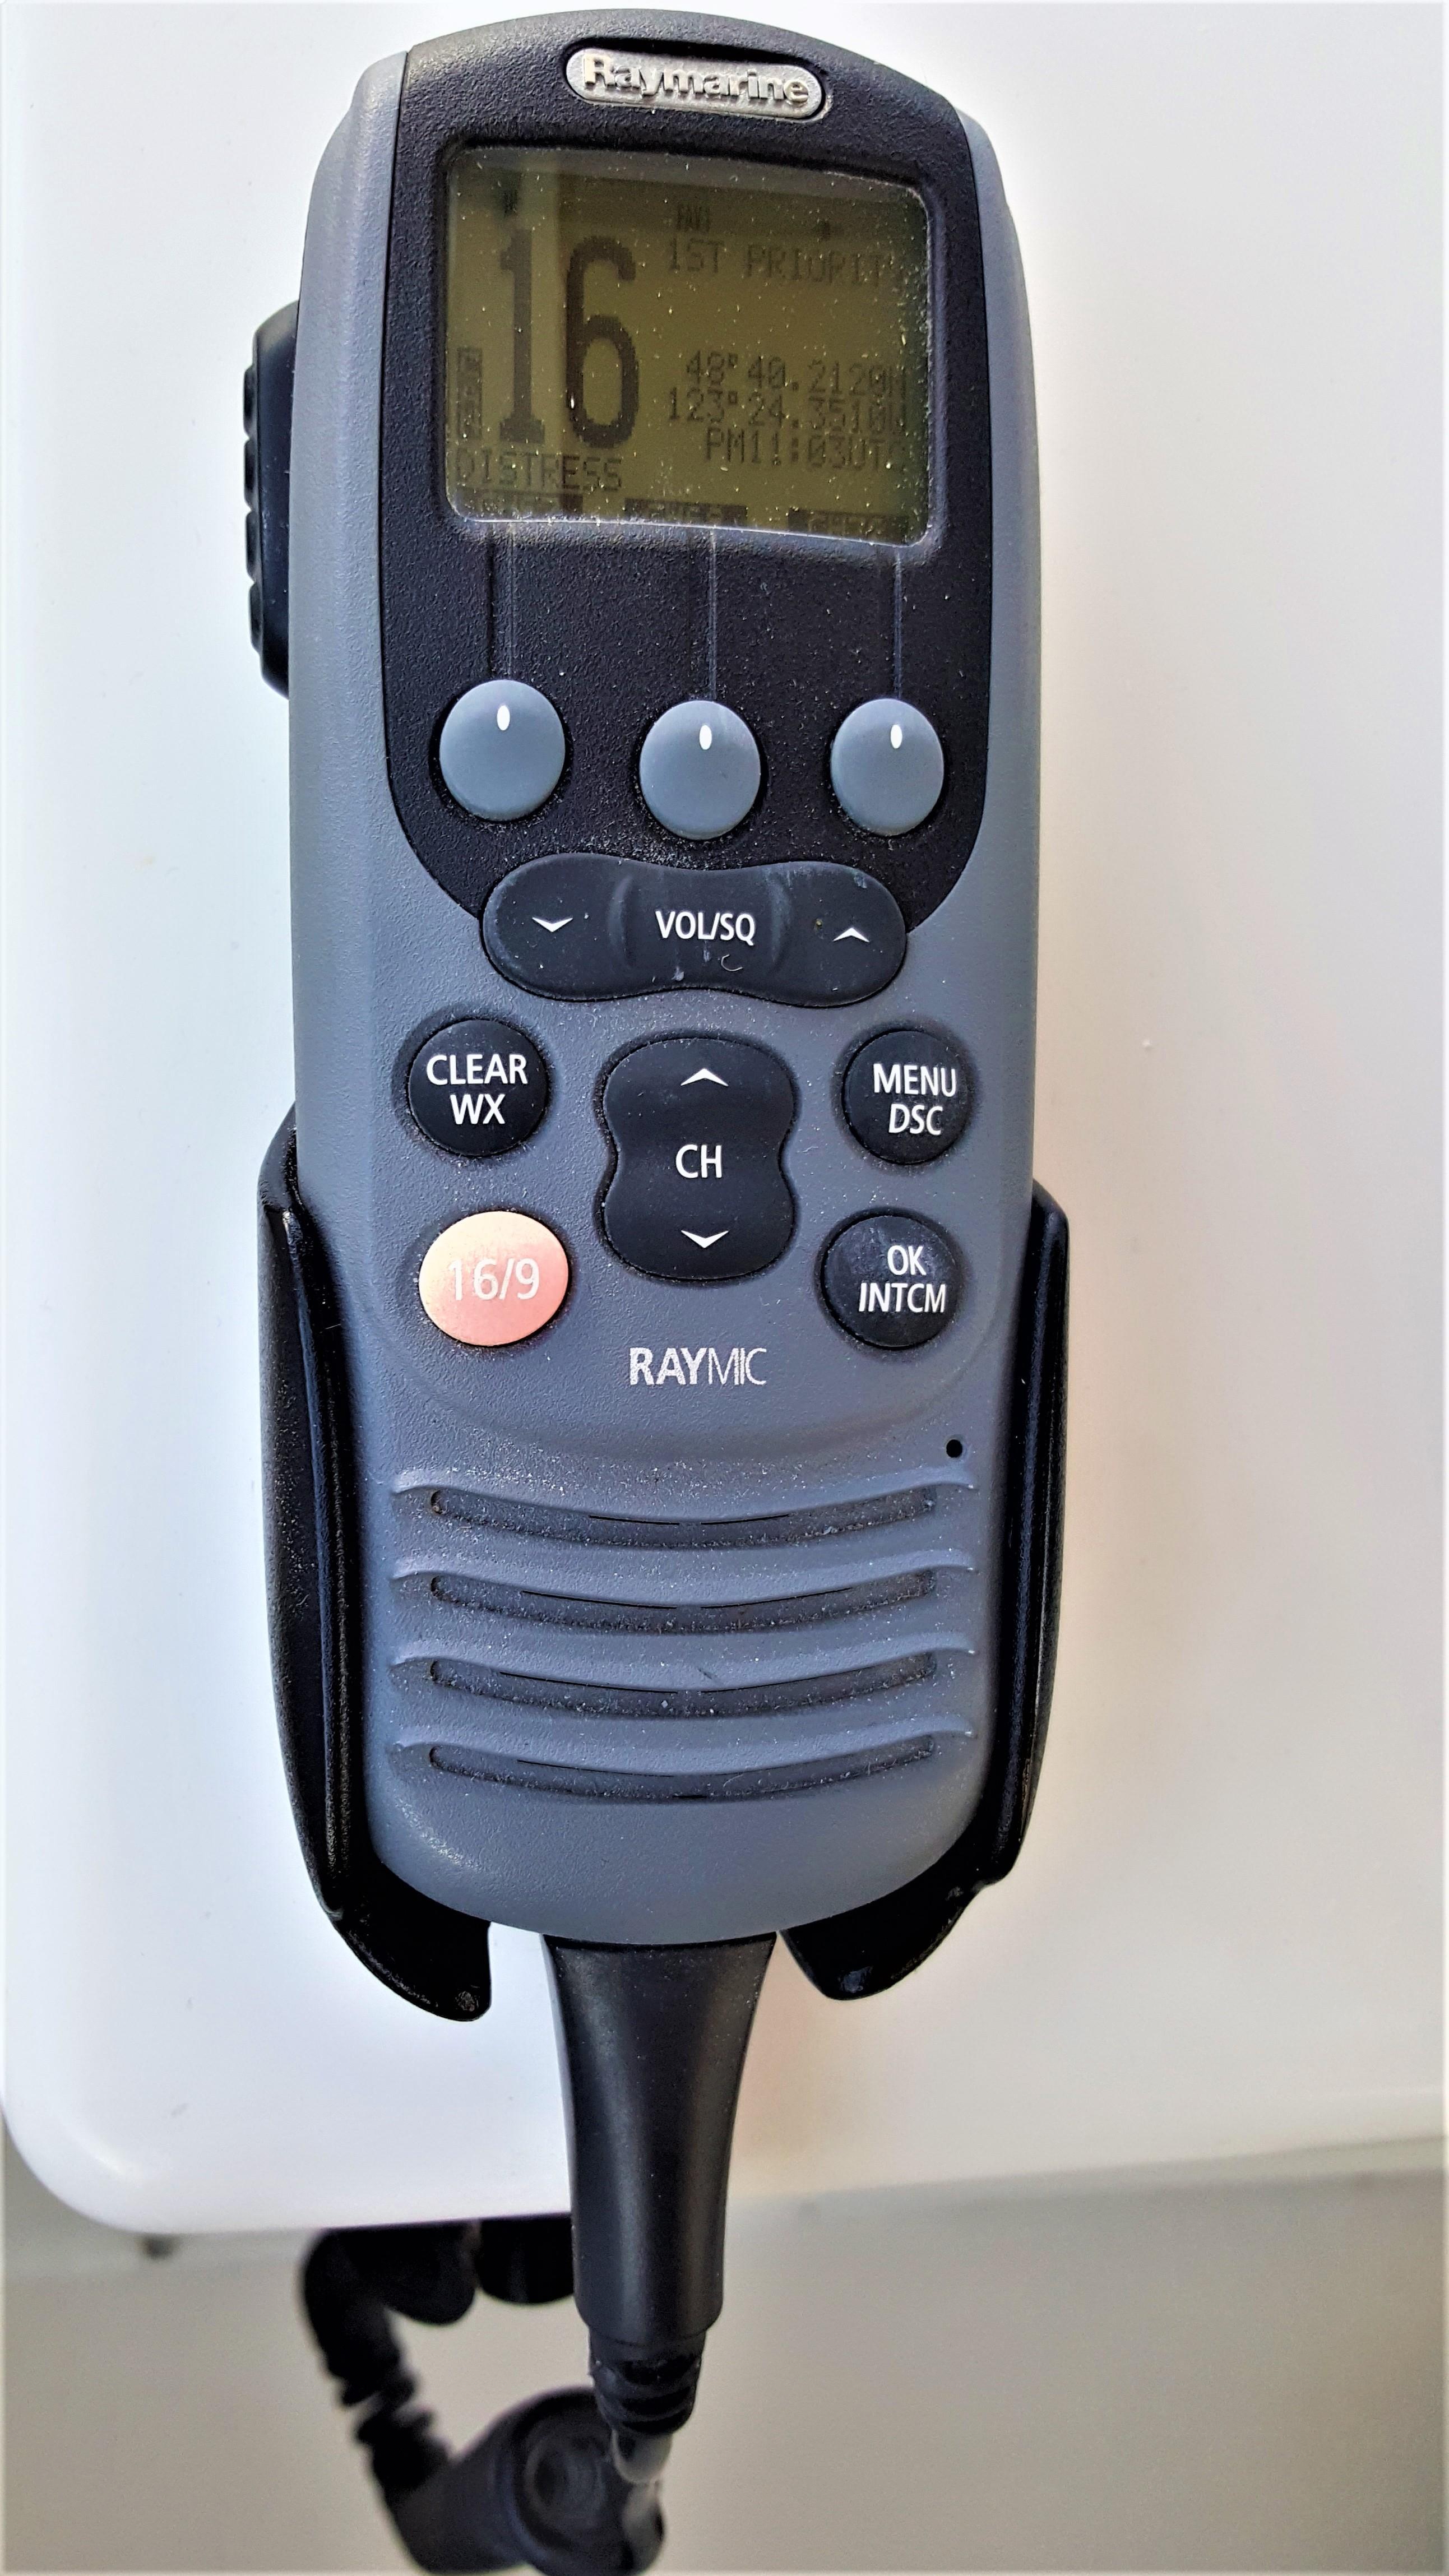 Raymarine RayMIC VHF Radio